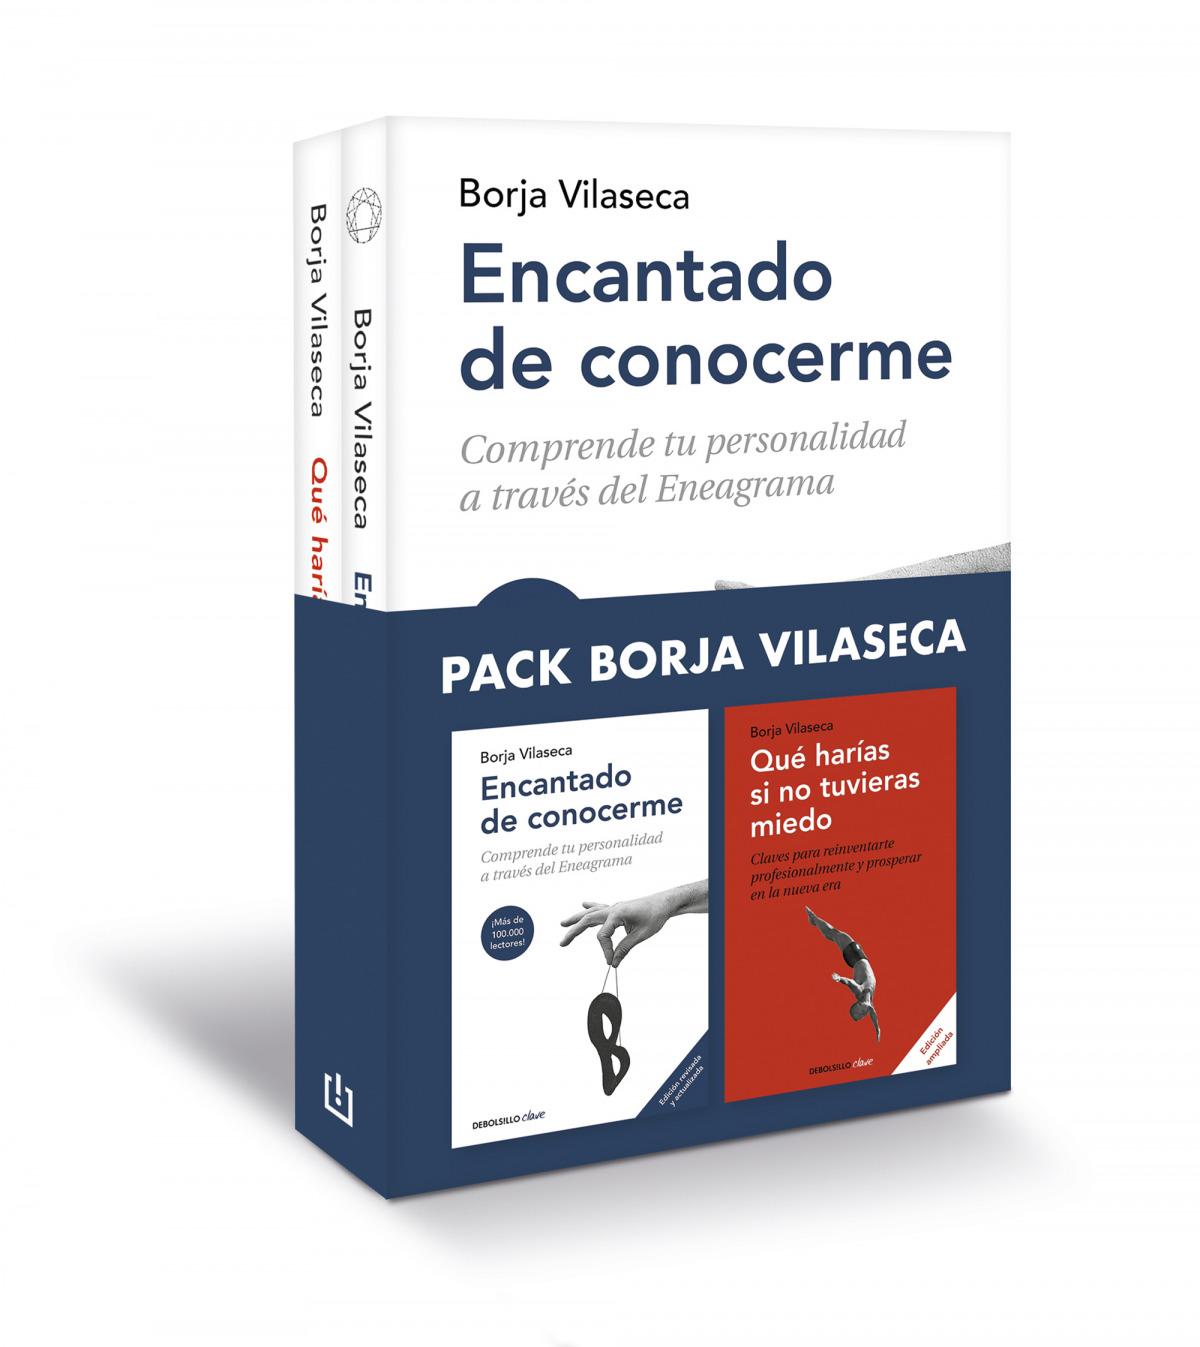 Pack Borja Vilaseca (contiene: Encantado de conocerme , Qué harías si no tuvieras miedo)